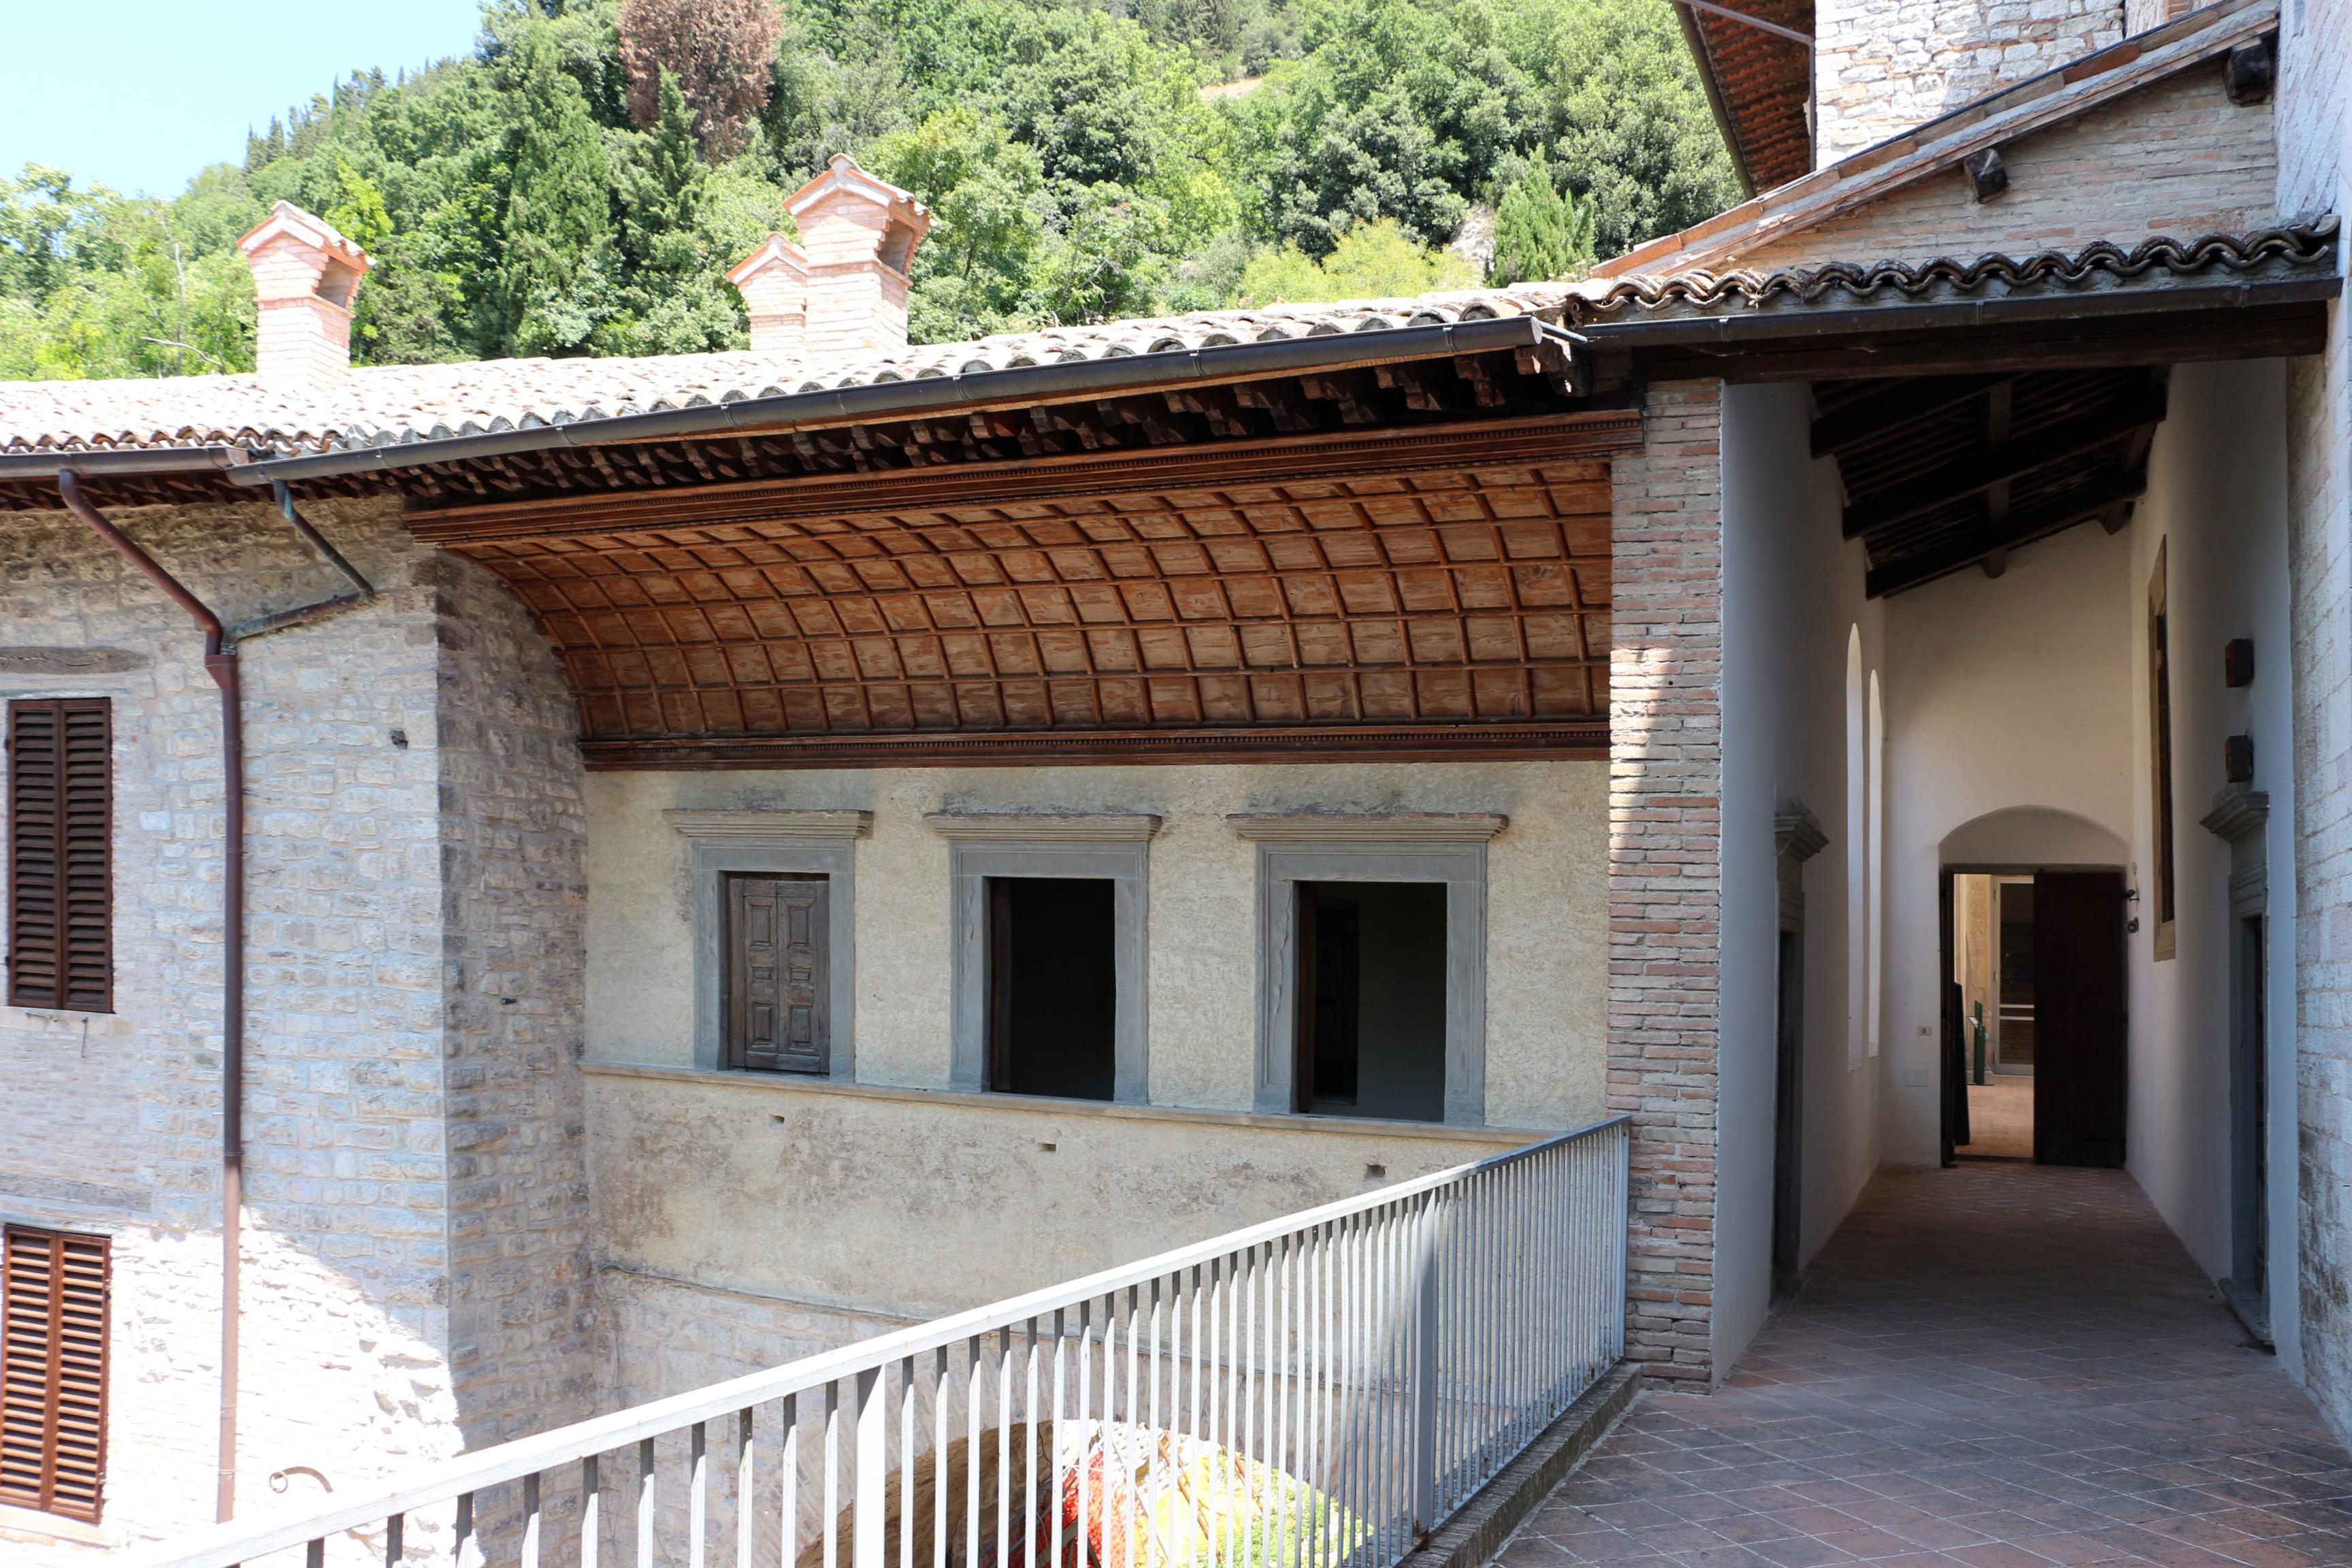 Archivo Palazzo Ducale Di Gubbio Terrazza 1 Jpg Wikipedia